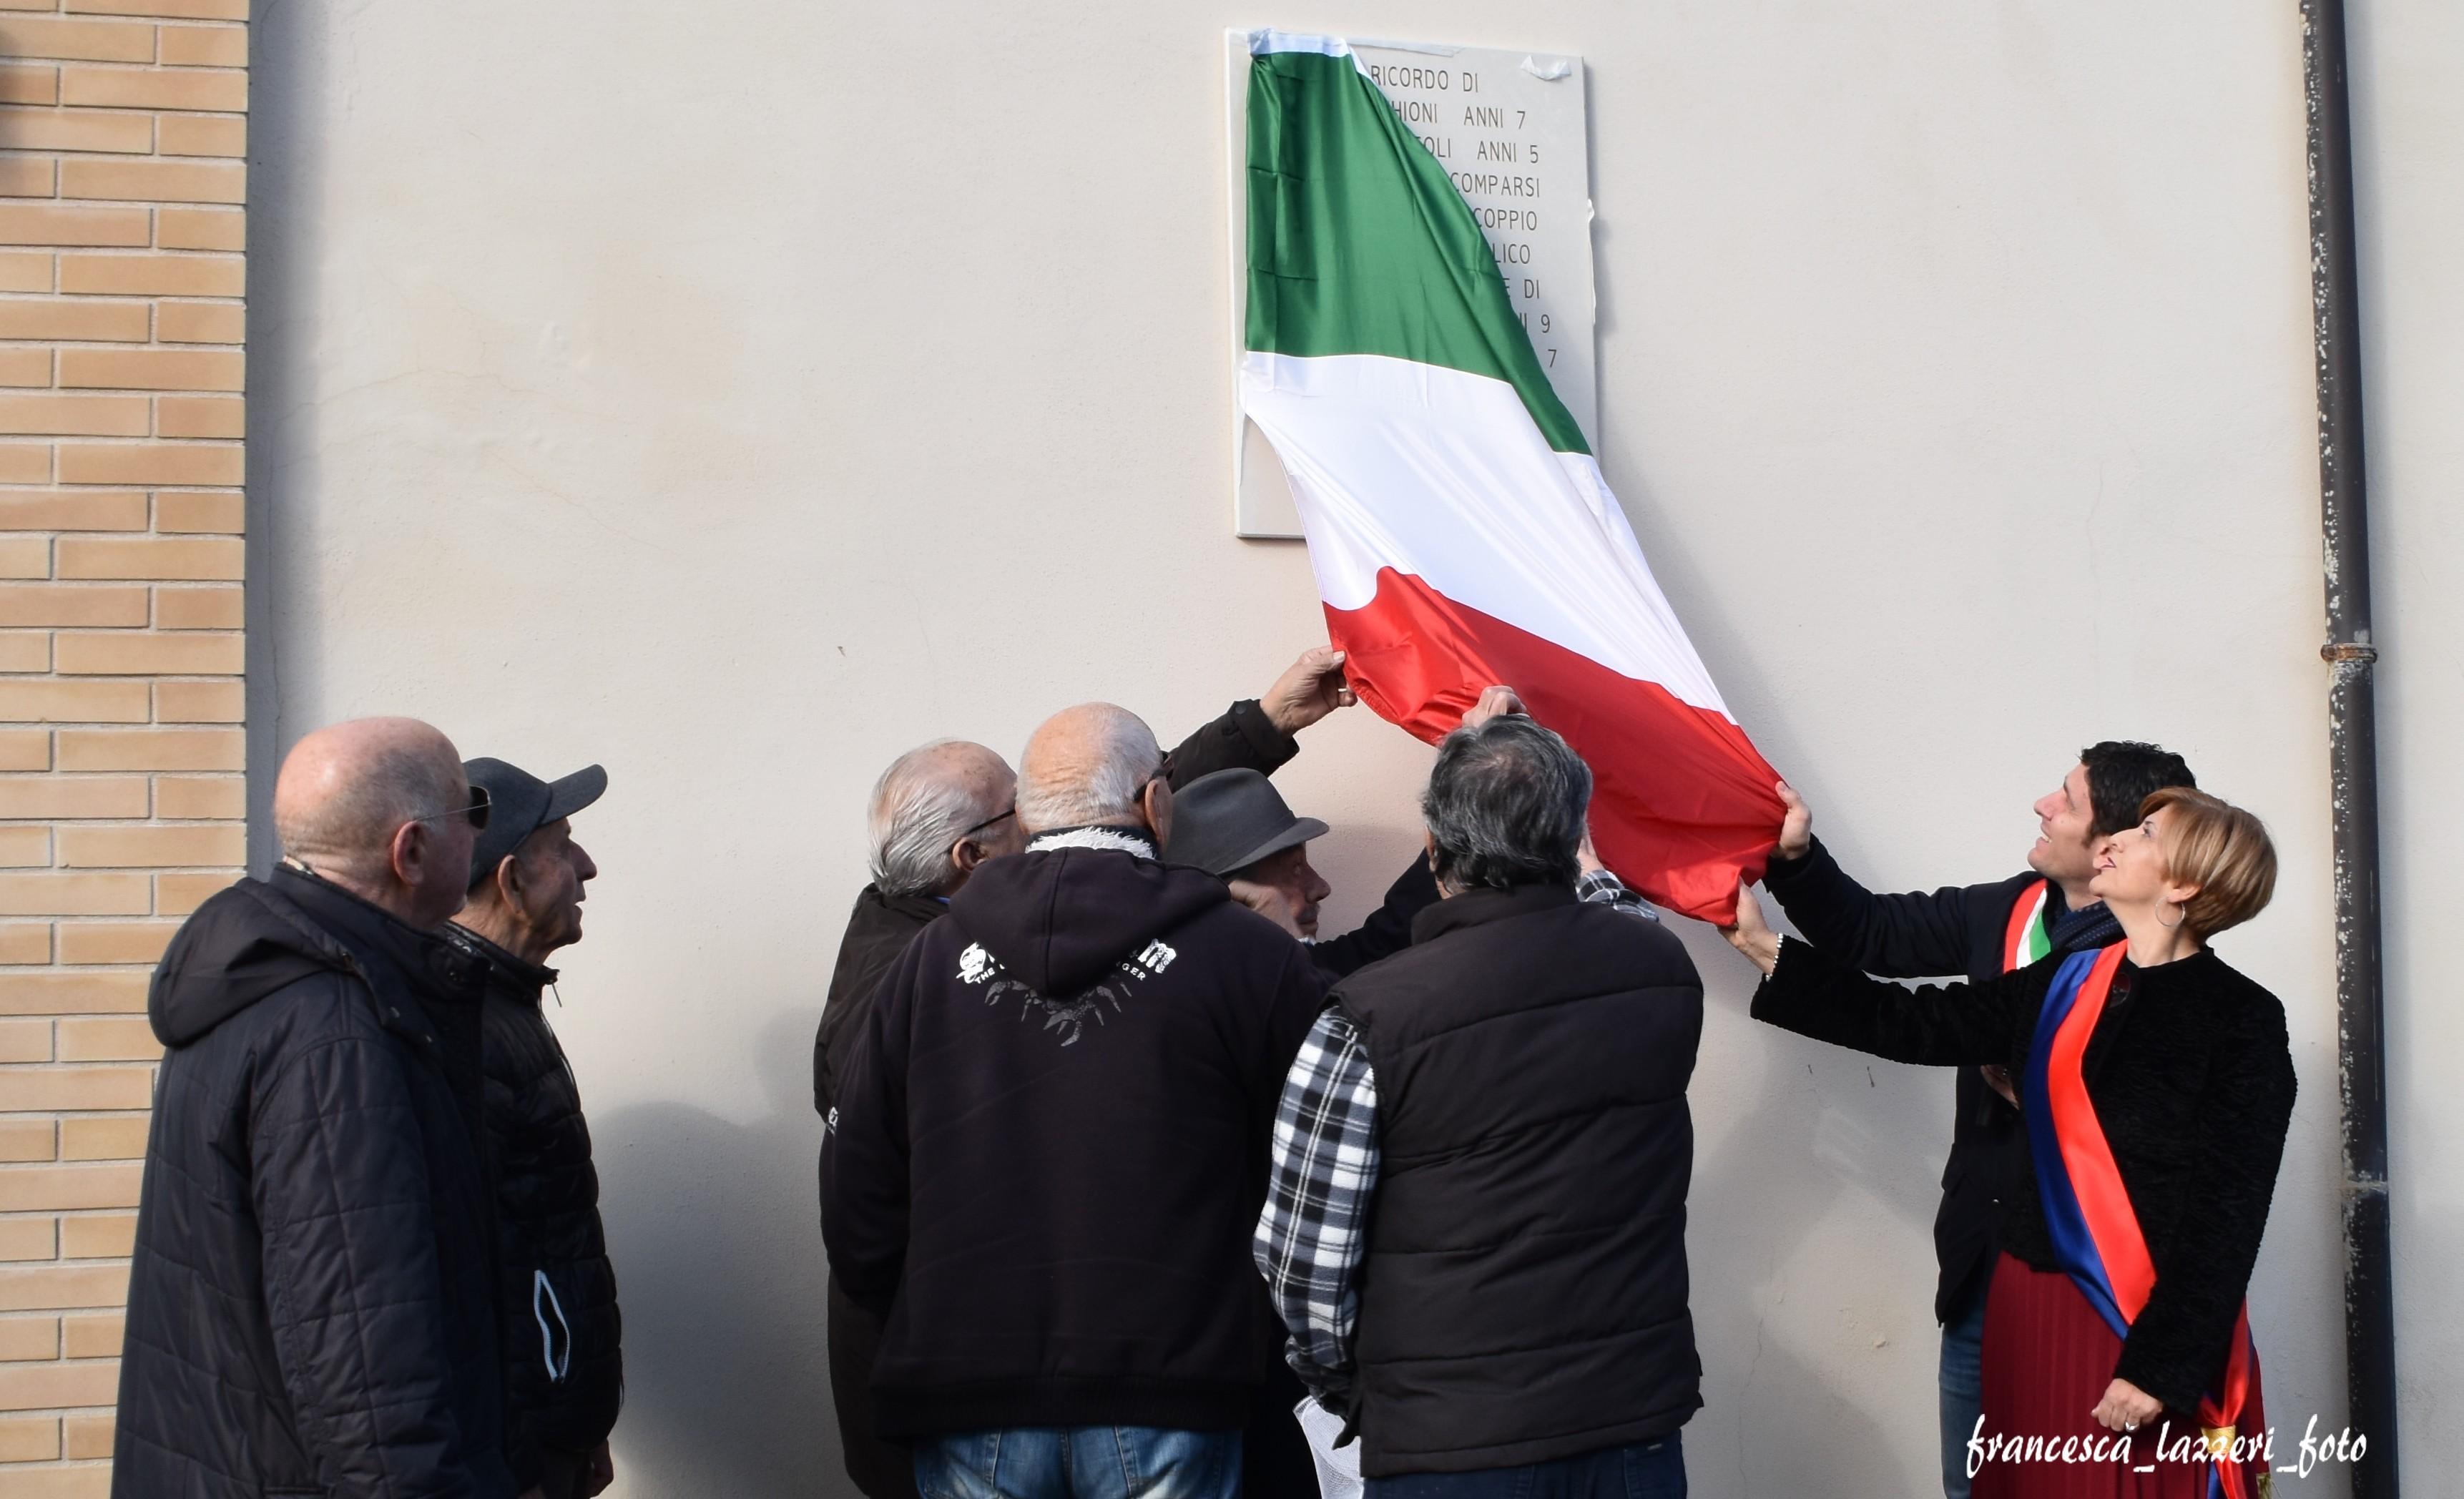 Ladispoli riscopre la sua storia: dopo 74 anni intitolata una piazzetta a Luigi Picchioni e Claudio Zoffoli